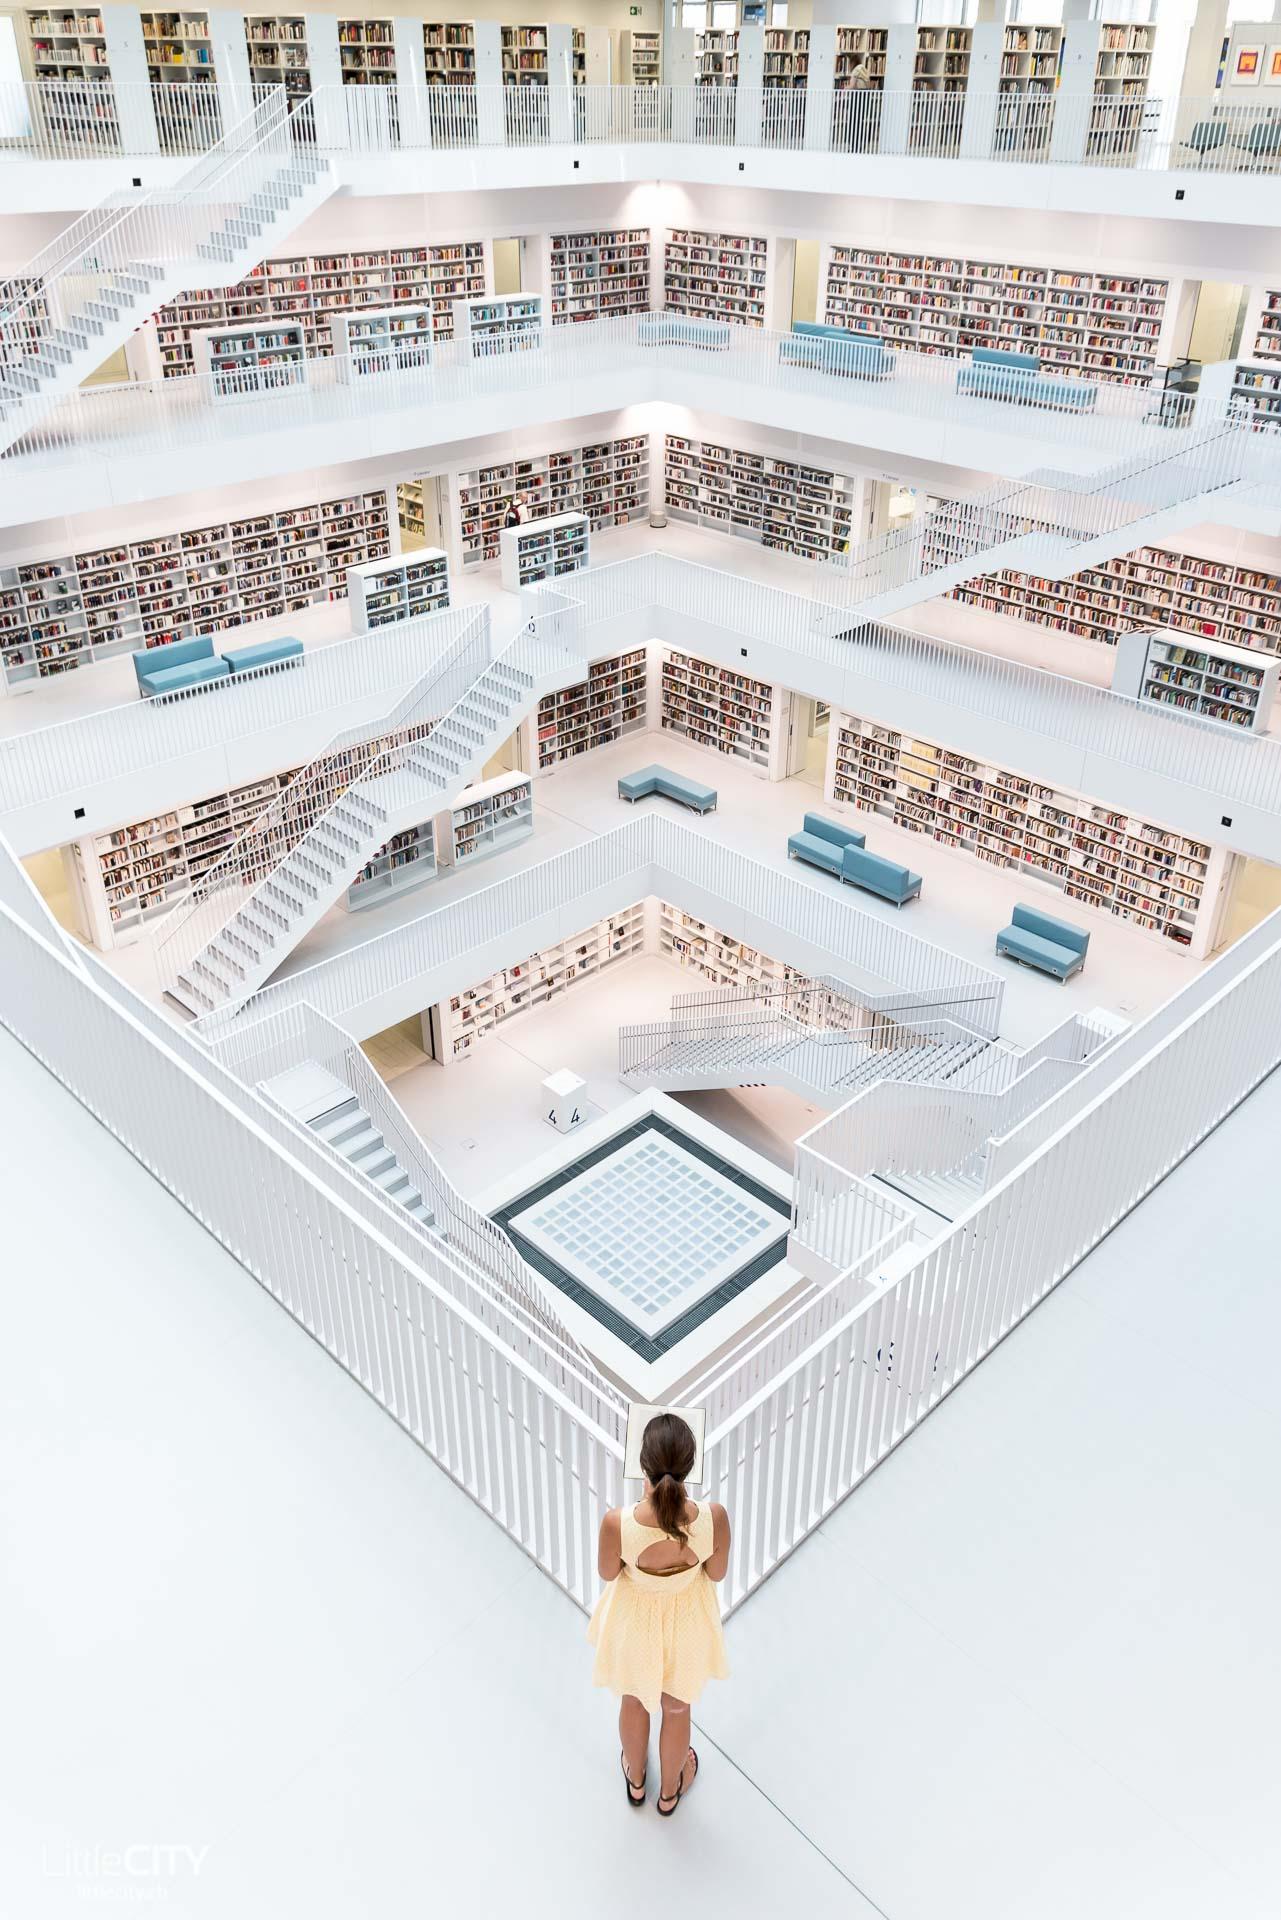 Stadtbibliothek Stuttgart Mailänderplatz